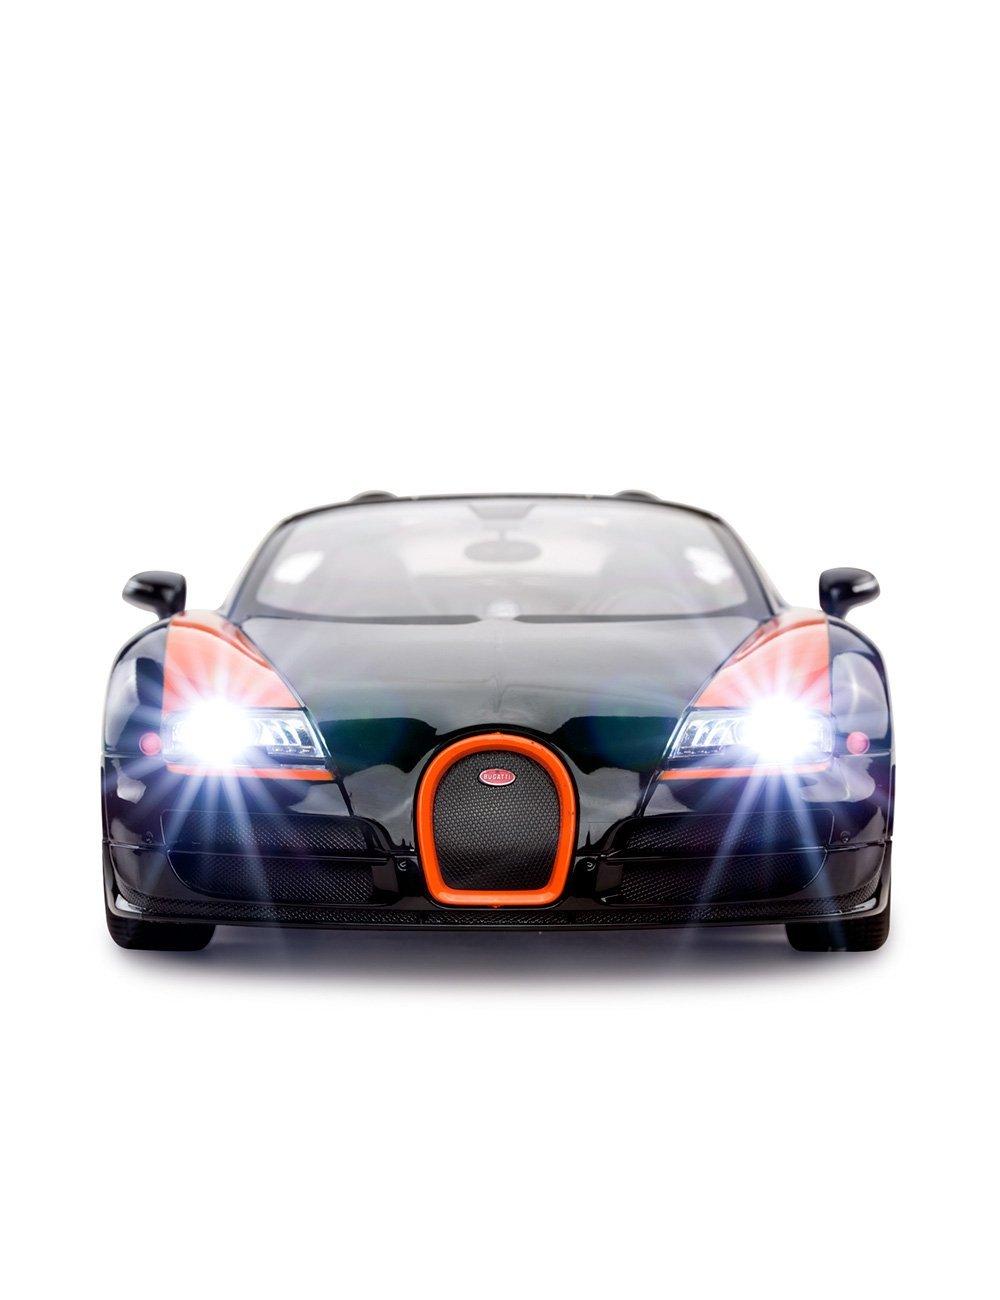 Τηλεκατευθυνόμενο Bugatti Veyron Grand Sport Vitesse μπροστινή όψη